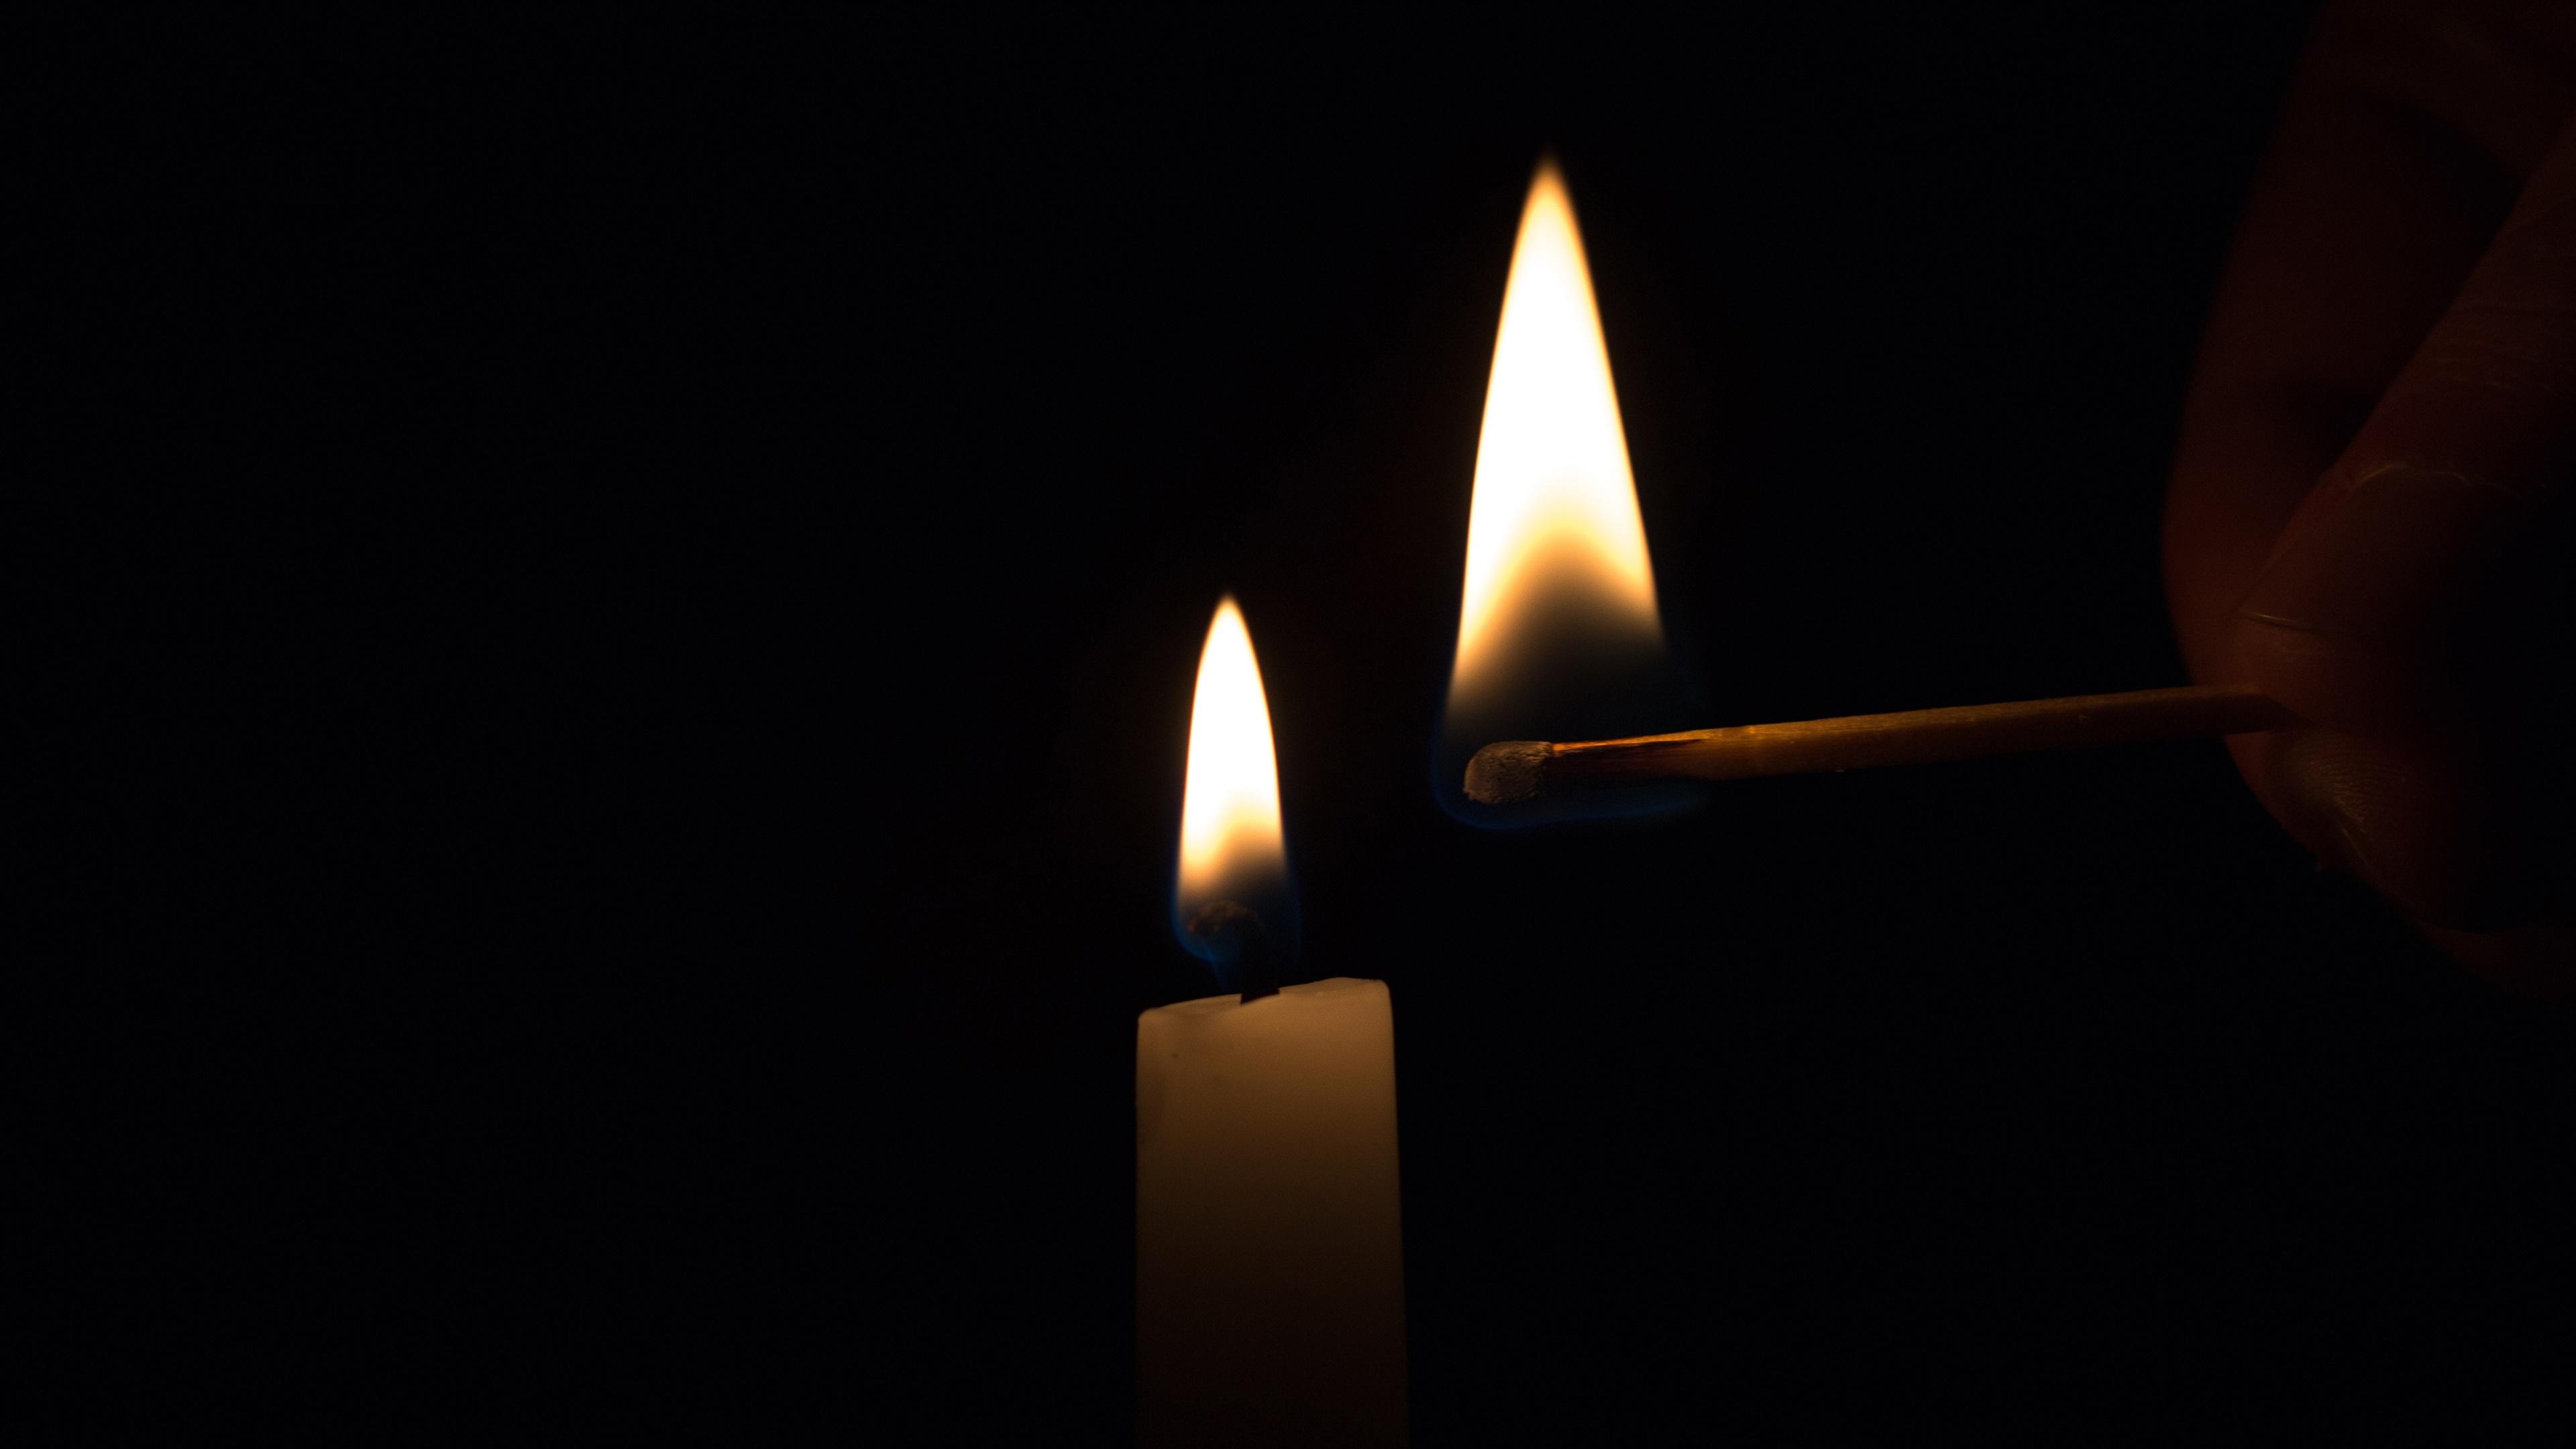 свечи пламя огонь смотреть